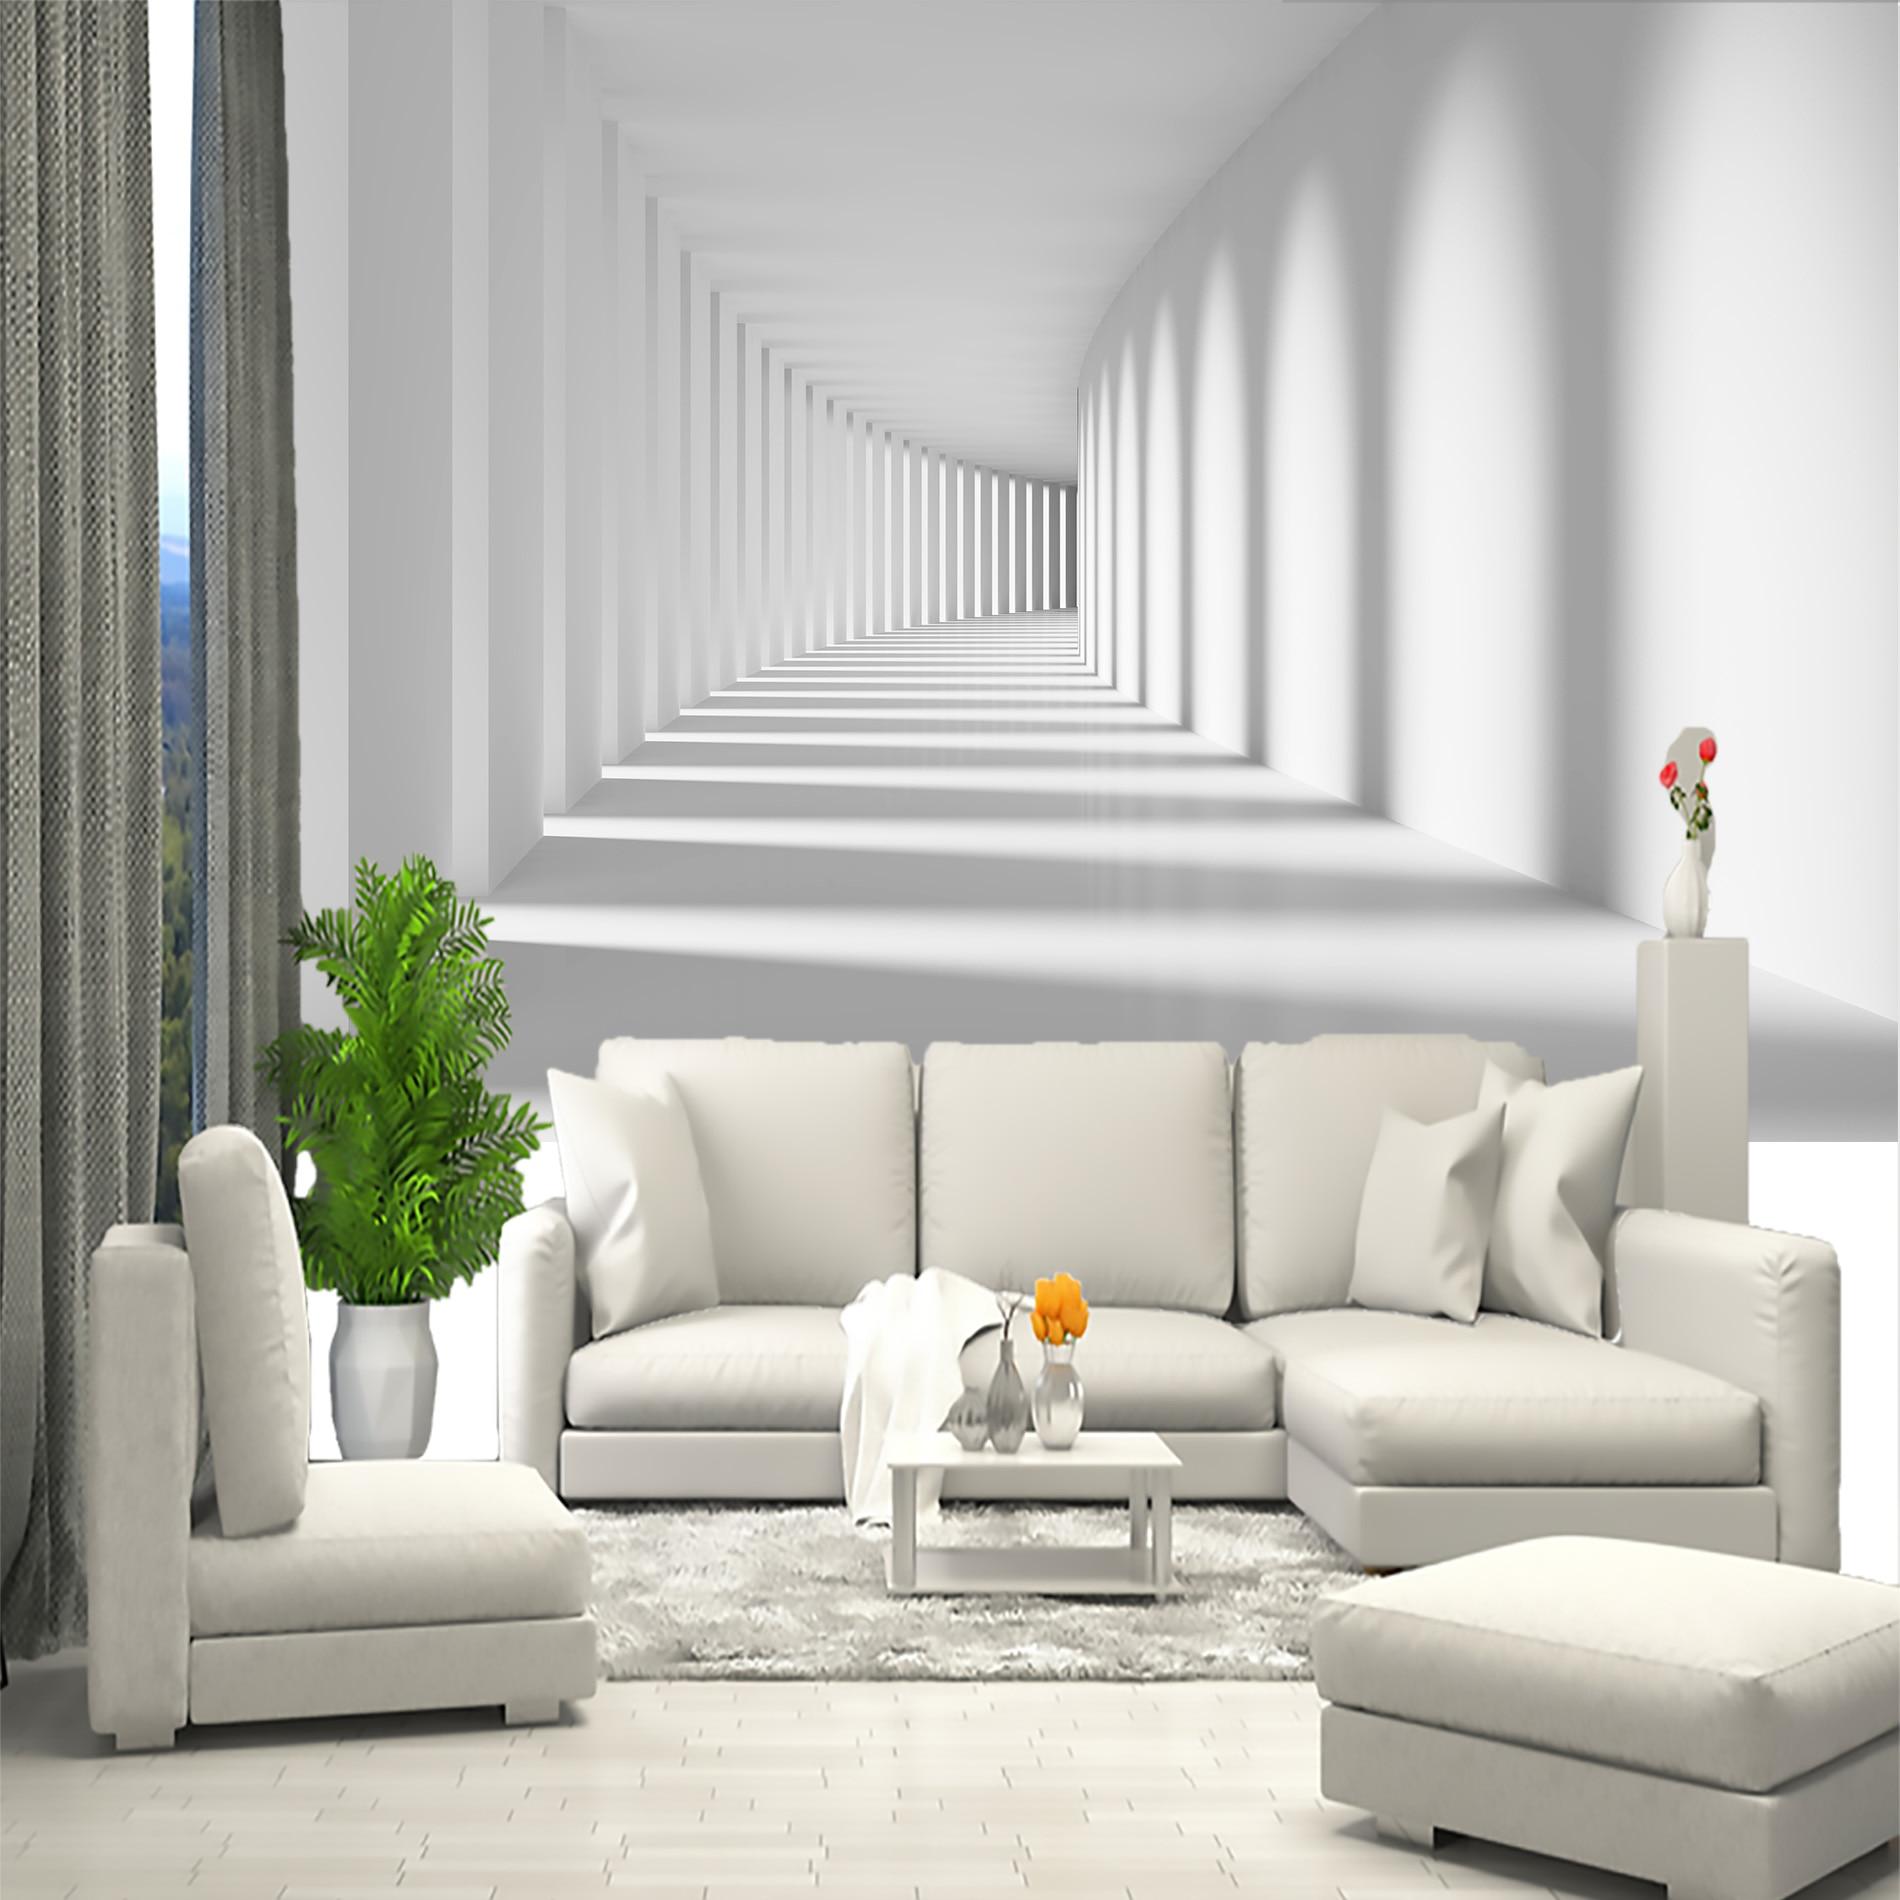 3D black and white custom mural wallpaper wholesale price Ksh 2000 per square meter